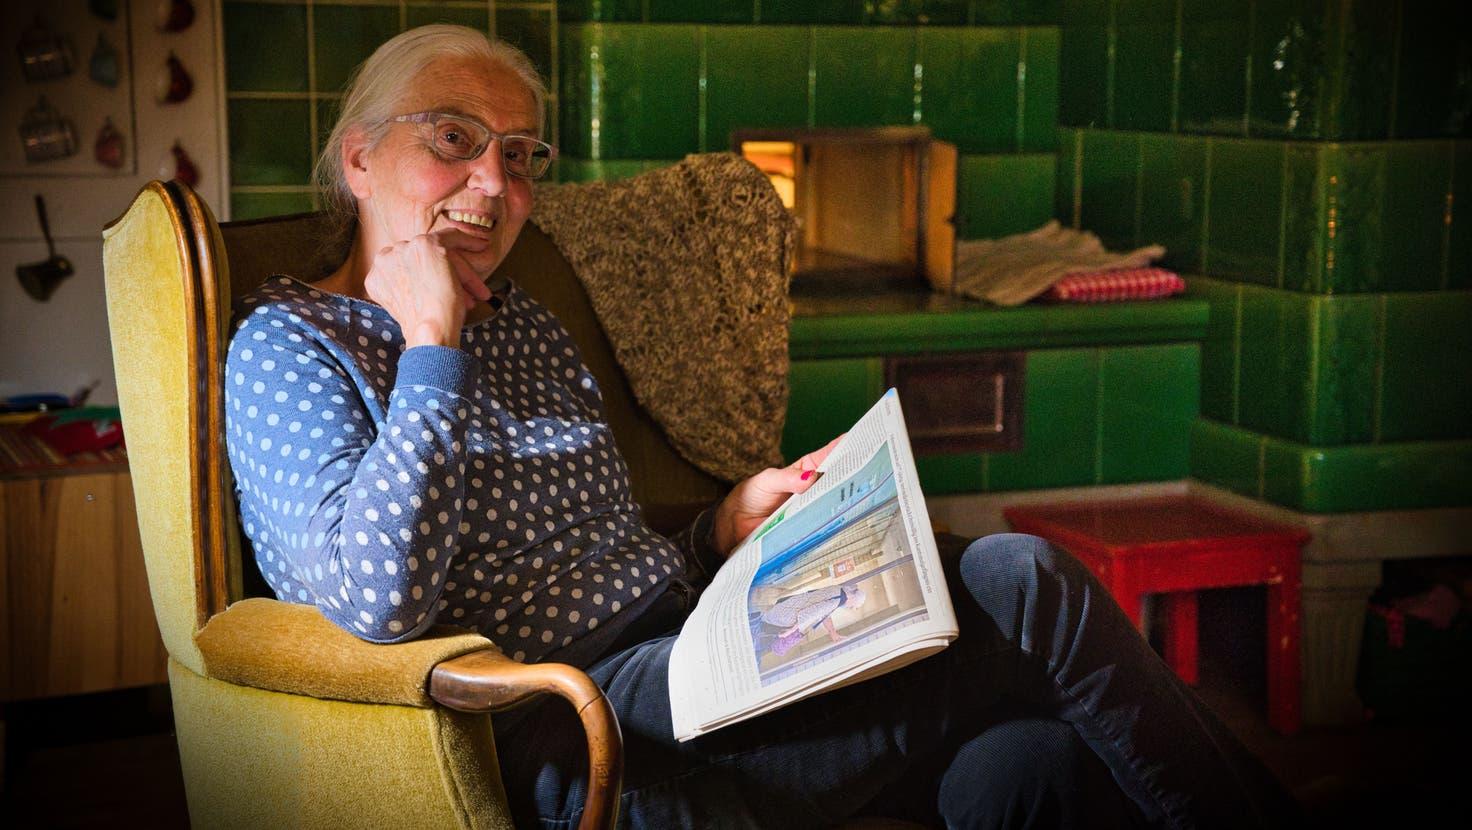 Agatha Bortolin sitzt wieder in ihrer warmen Stube mit dem Kachelofen und liest dabei die «Thurgauer Zeitung» vom Freitag, als sie die Front zierte, wie sie das Kantonalgefängnis in Frauenfeld betritt. (Bild: Manuel Nagel (Räuchlisberg, 18.Oktober 2021))